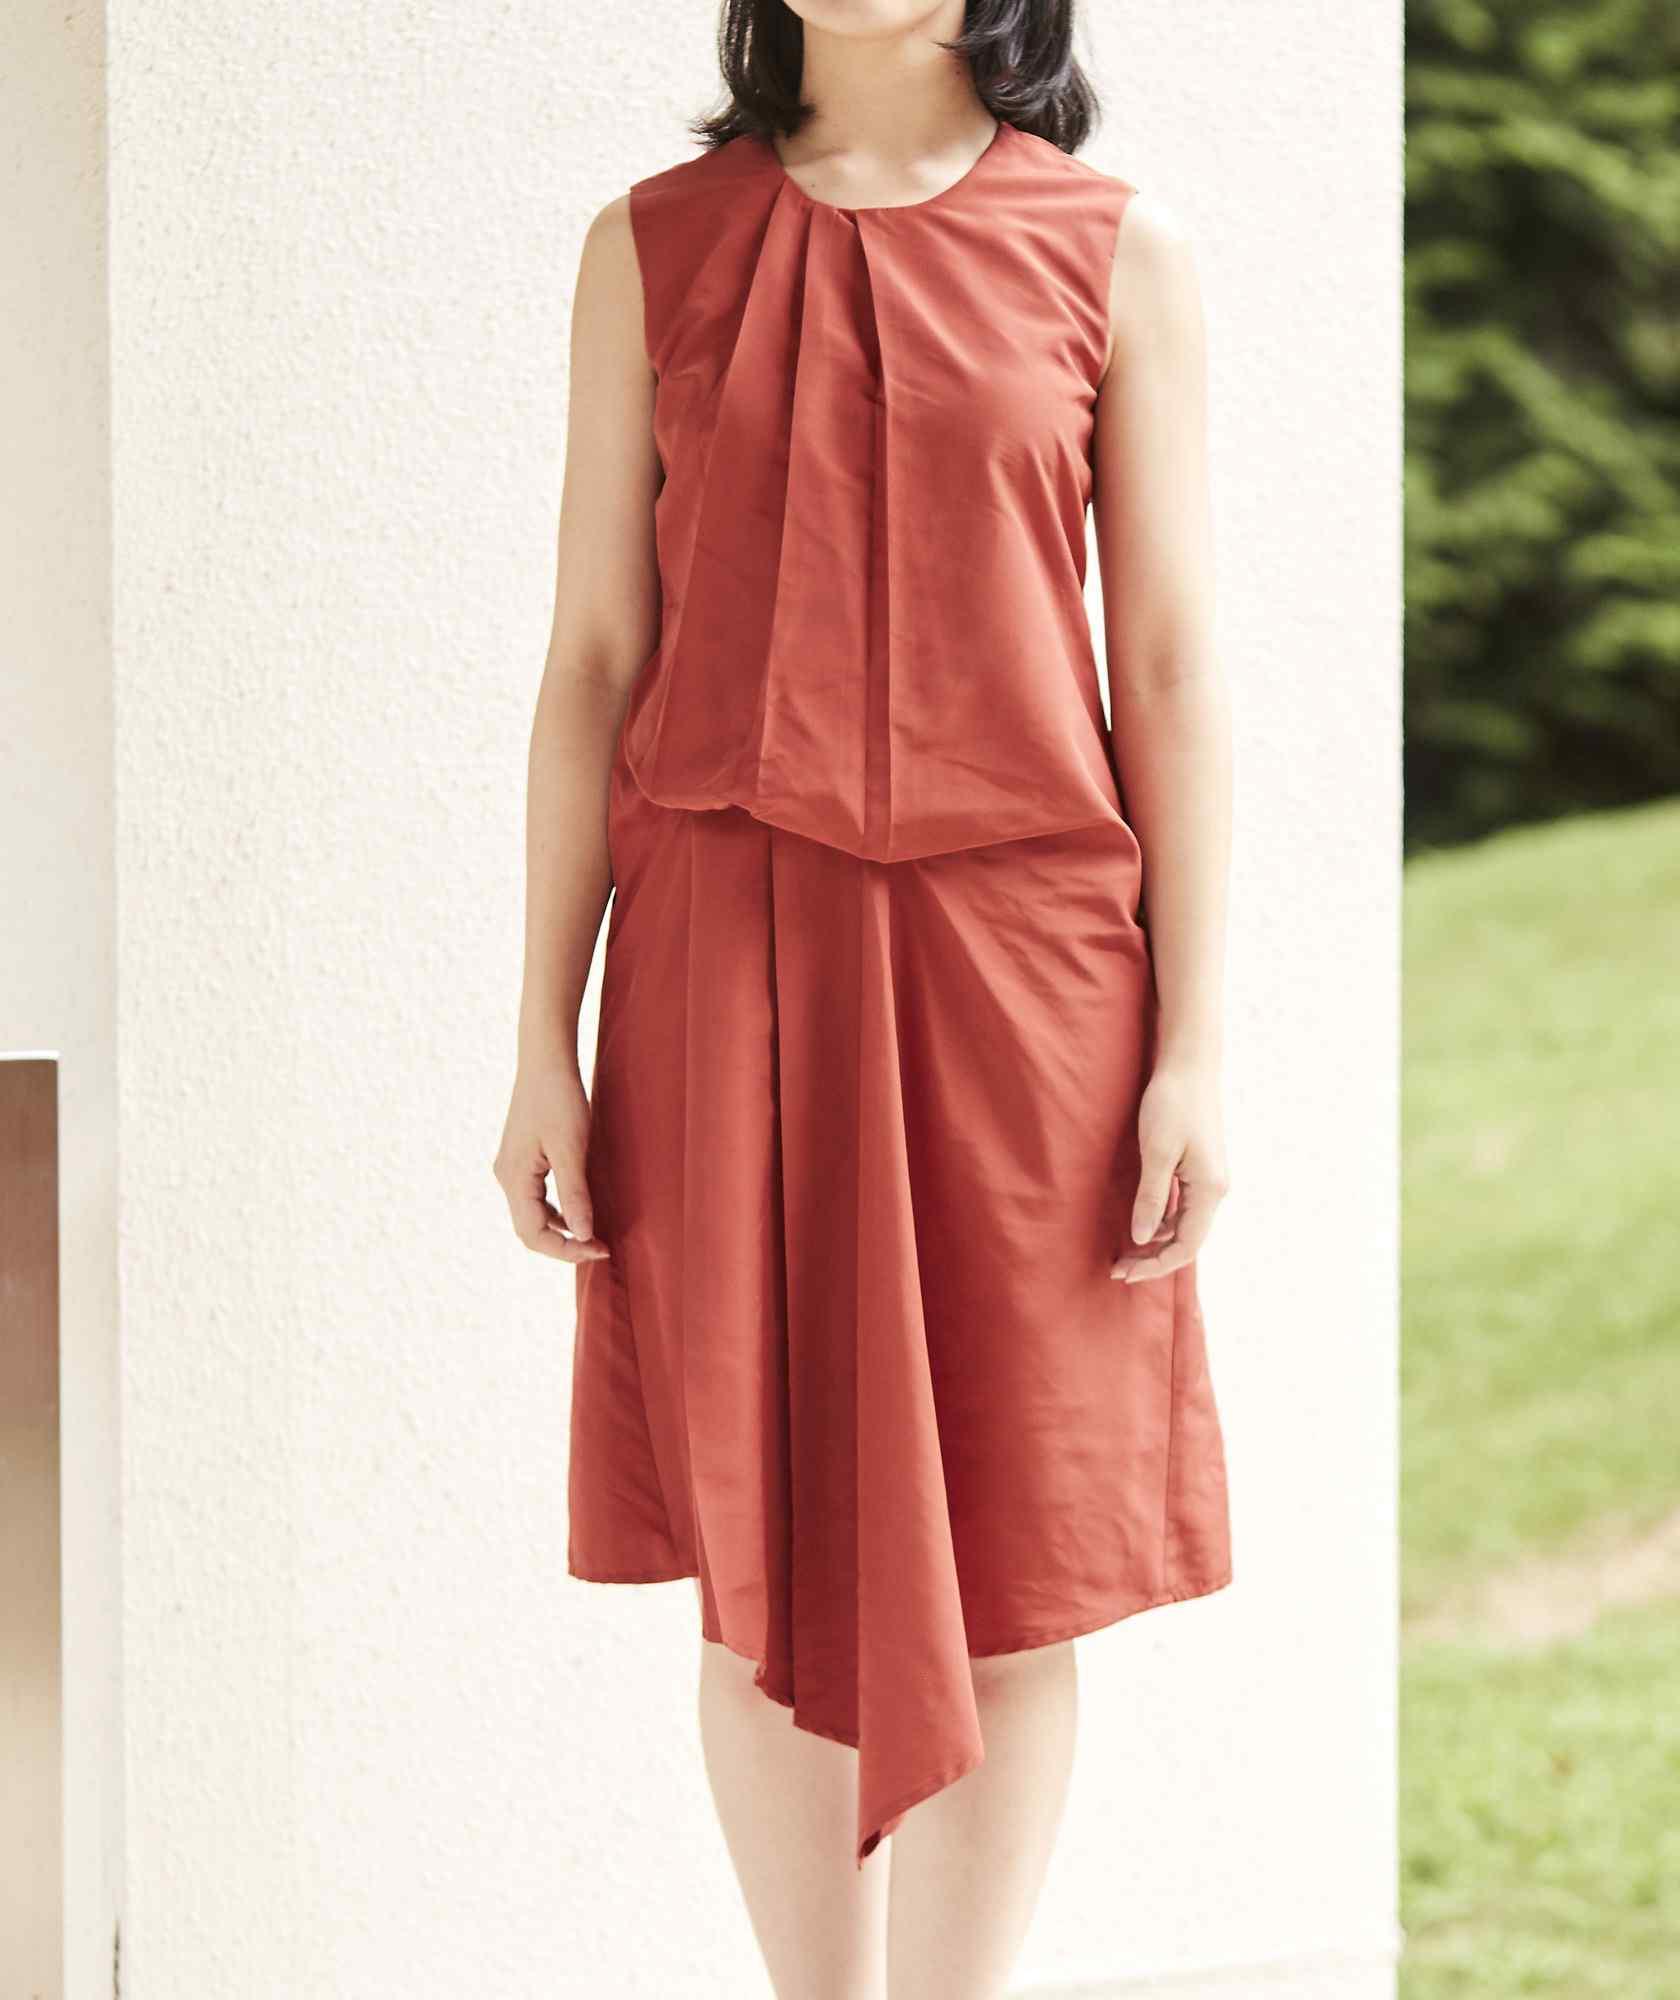 クルーネックデザイントップOGAラインミディアムドレス-オレンジ-S